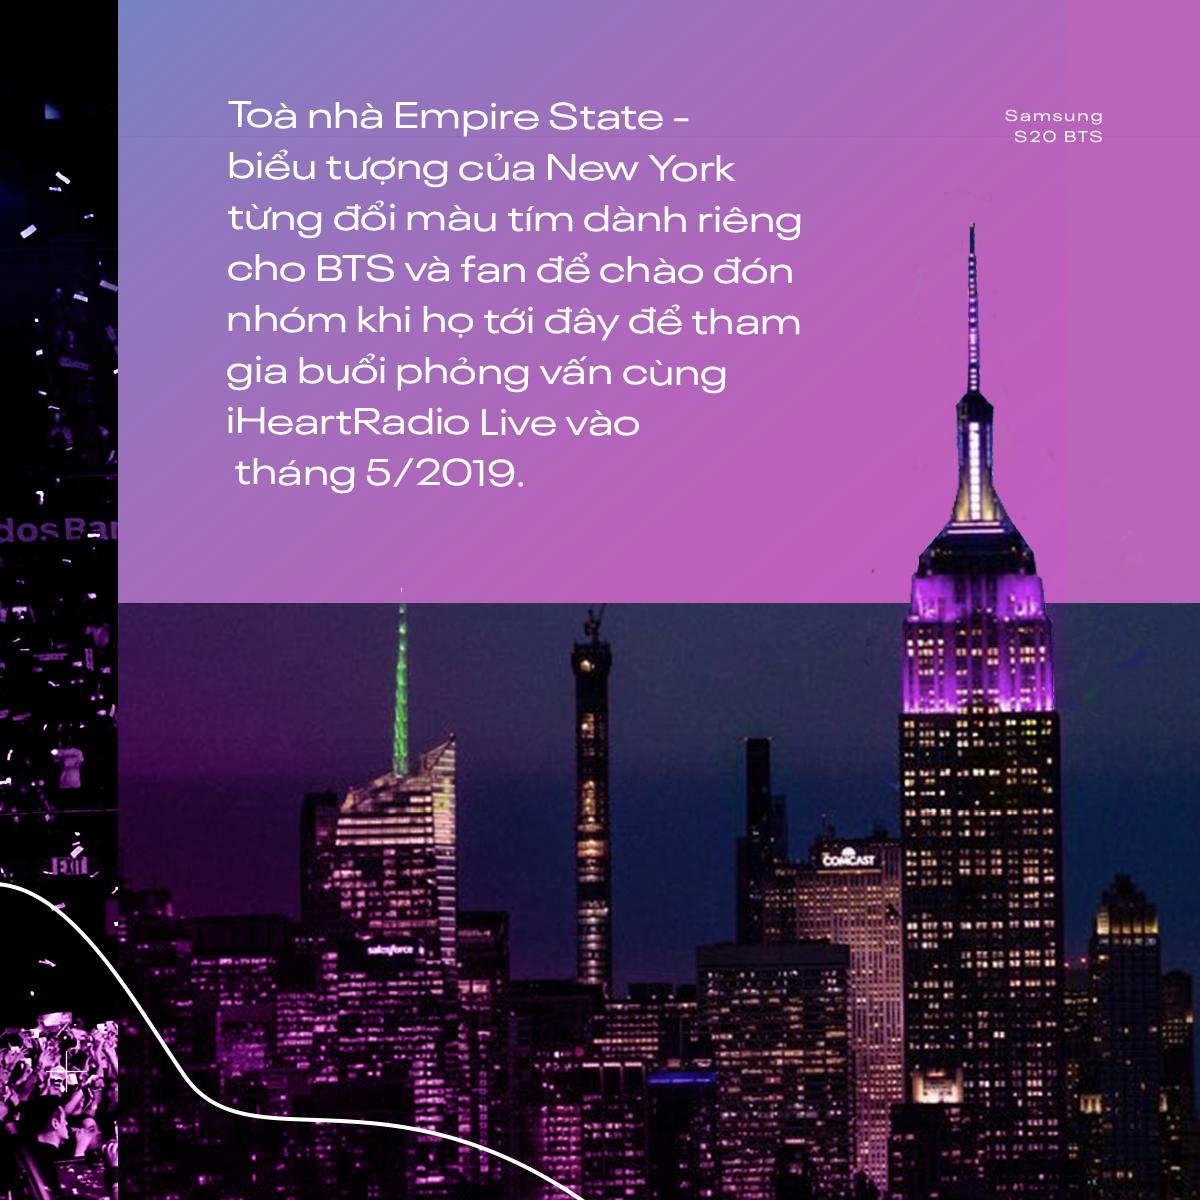 I Purple You - từ câu nói nổi tiếng dành riêng cho ARMY đến màu tím chỉ biểu trưng cho BTS - Ảnh 4.